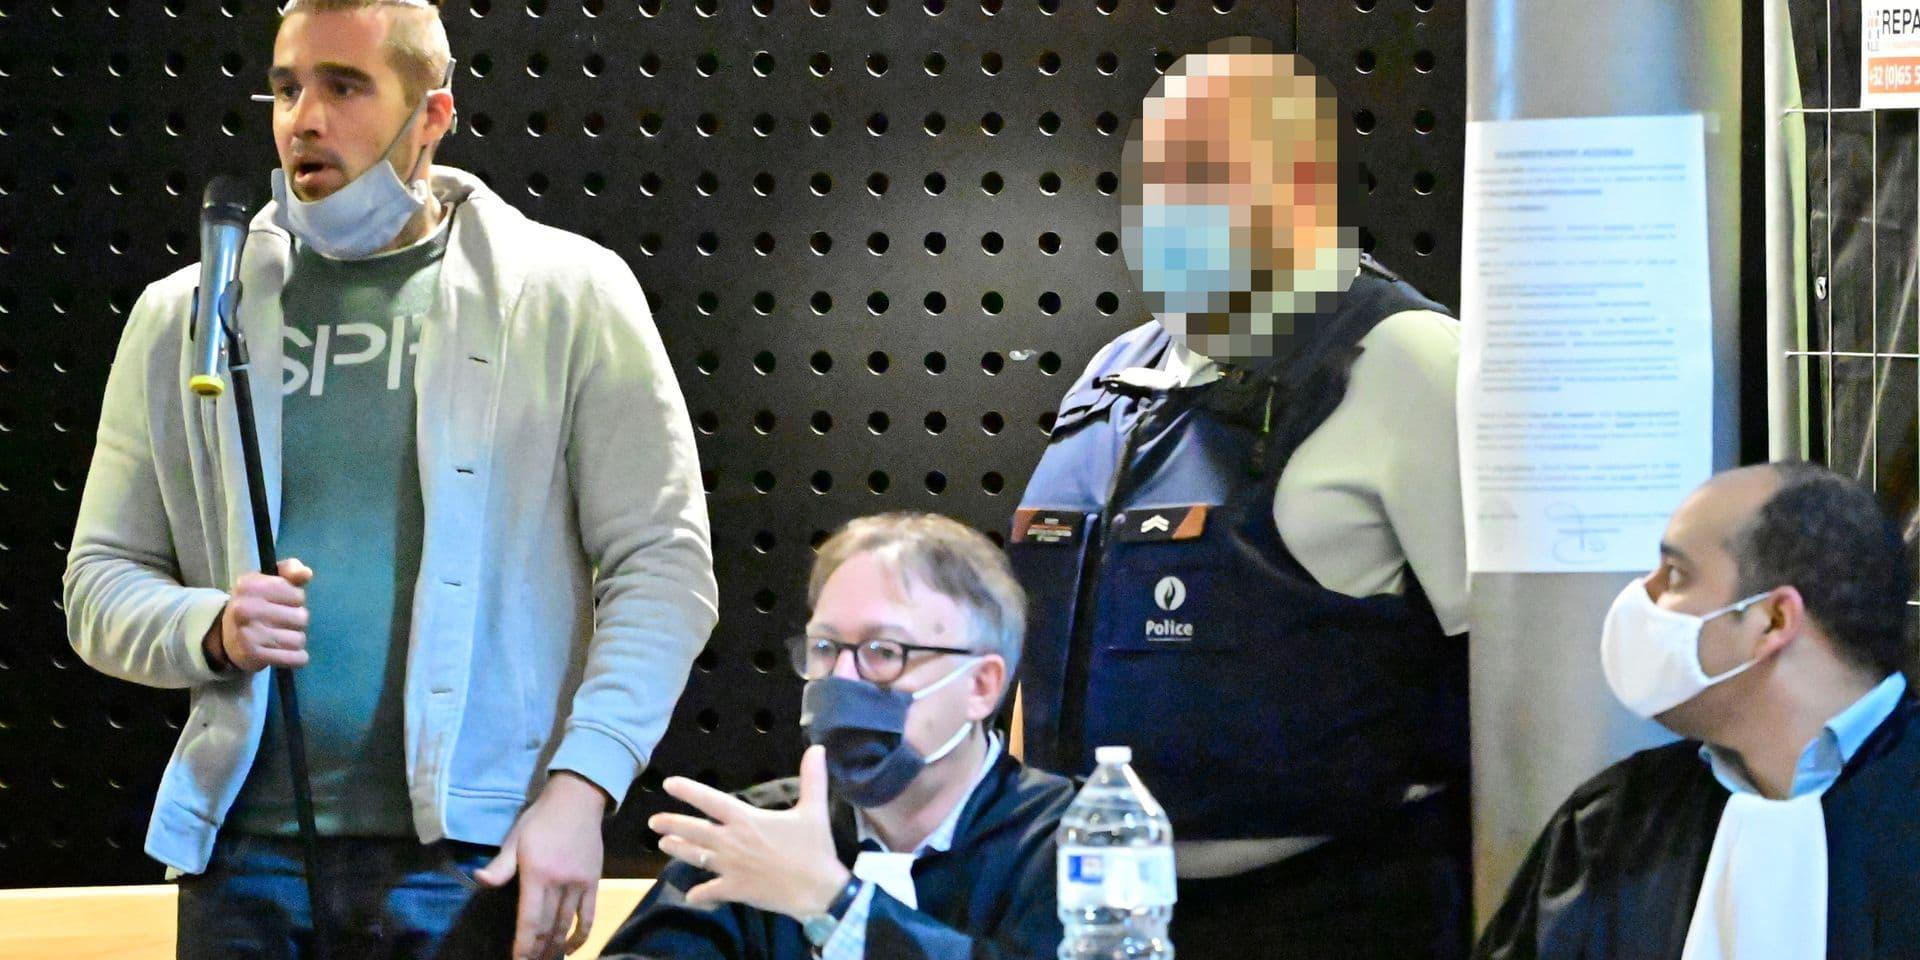 Alexandro Carucci reconnu coupable de coups et du meurtre de Muriel Bauduin